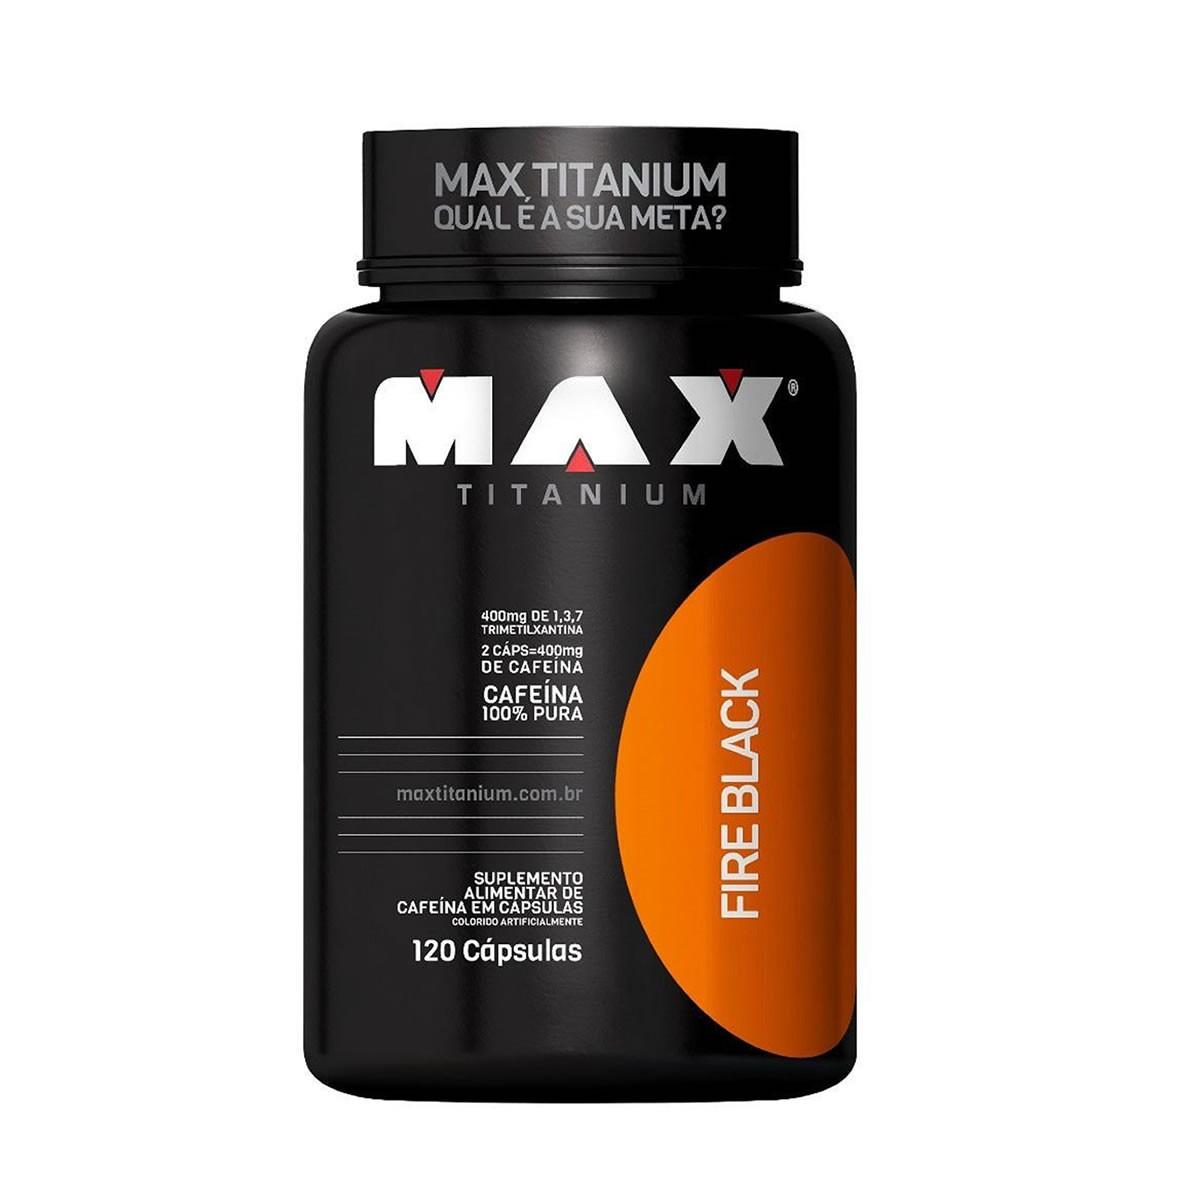 Fire Black 400mg 120 Capsulas - Max Titanium